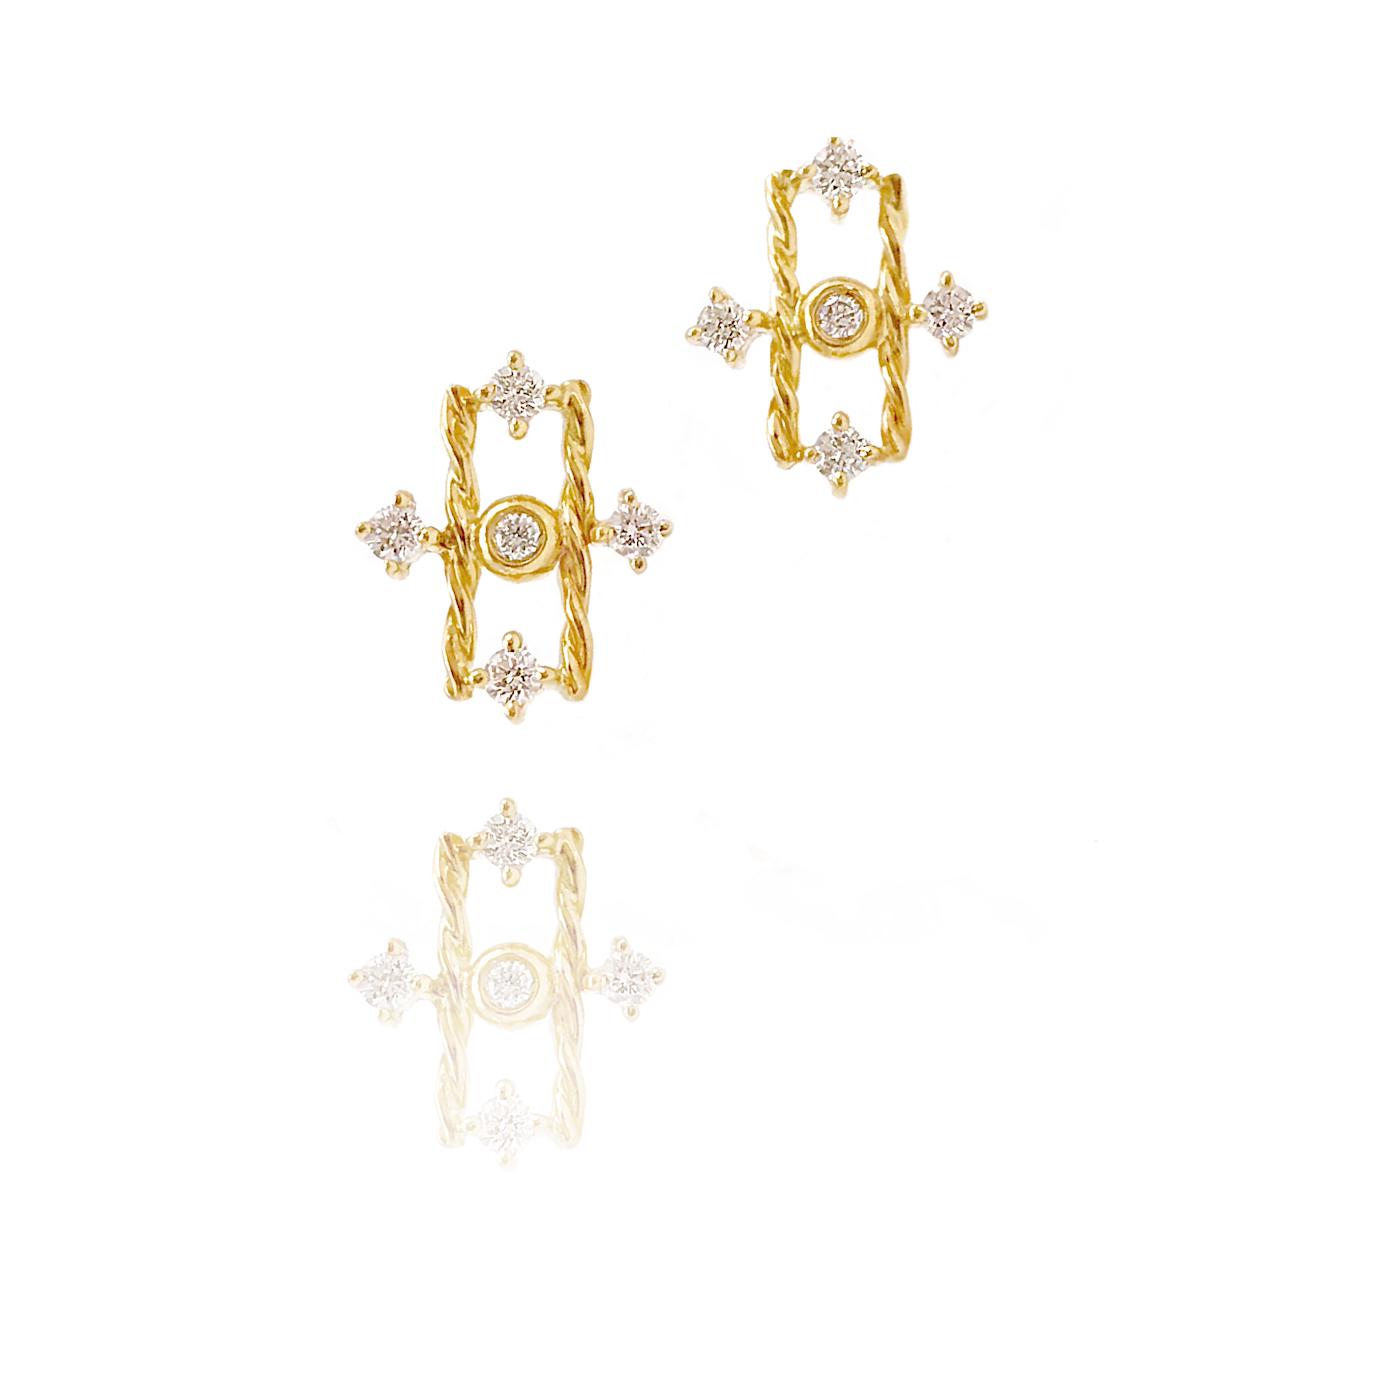 diamond-twist-open-bar-studs-14k-18k-earrings-jewelyrie-handcrafted